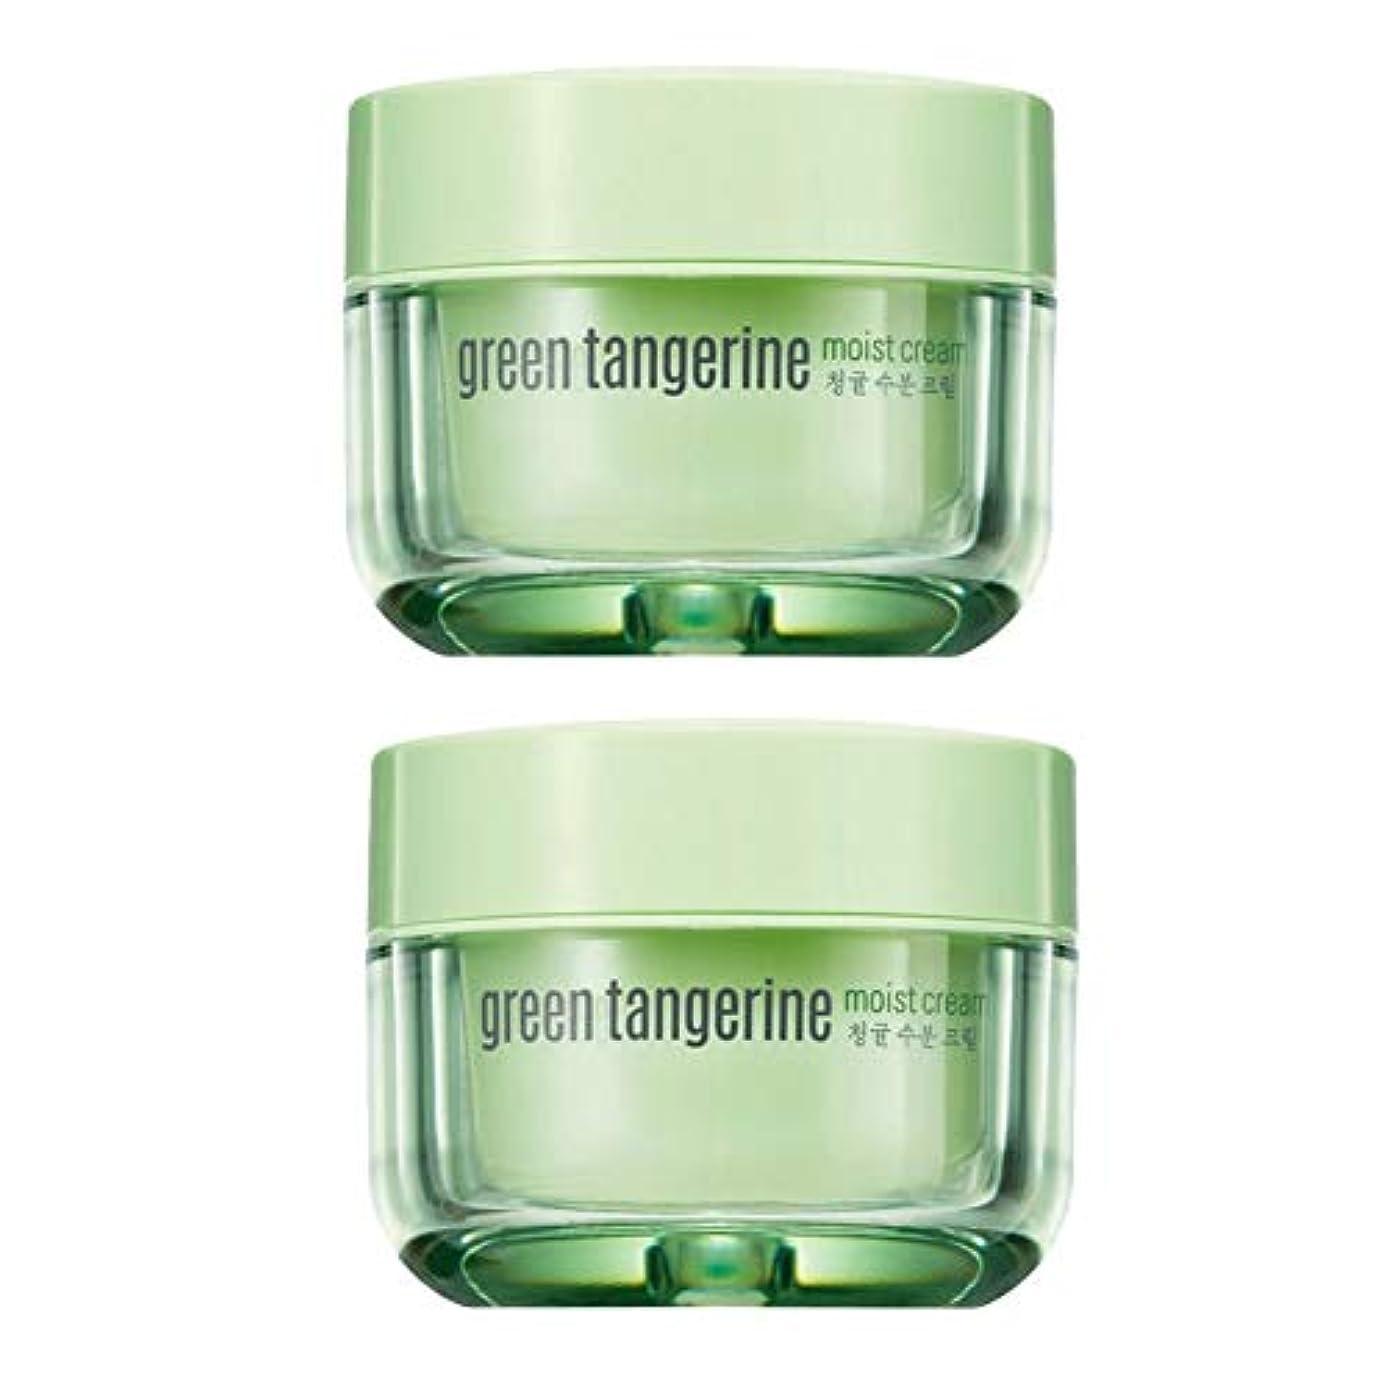 マニアエゴイズムジュースクリオグドール青みかん水分クリーム50mlx2本セット韓国コスメ、Clio Goodal Green Tangerine Moist Cream 50ml x 2ea Set Korean Cosmetics [並行輸入品]